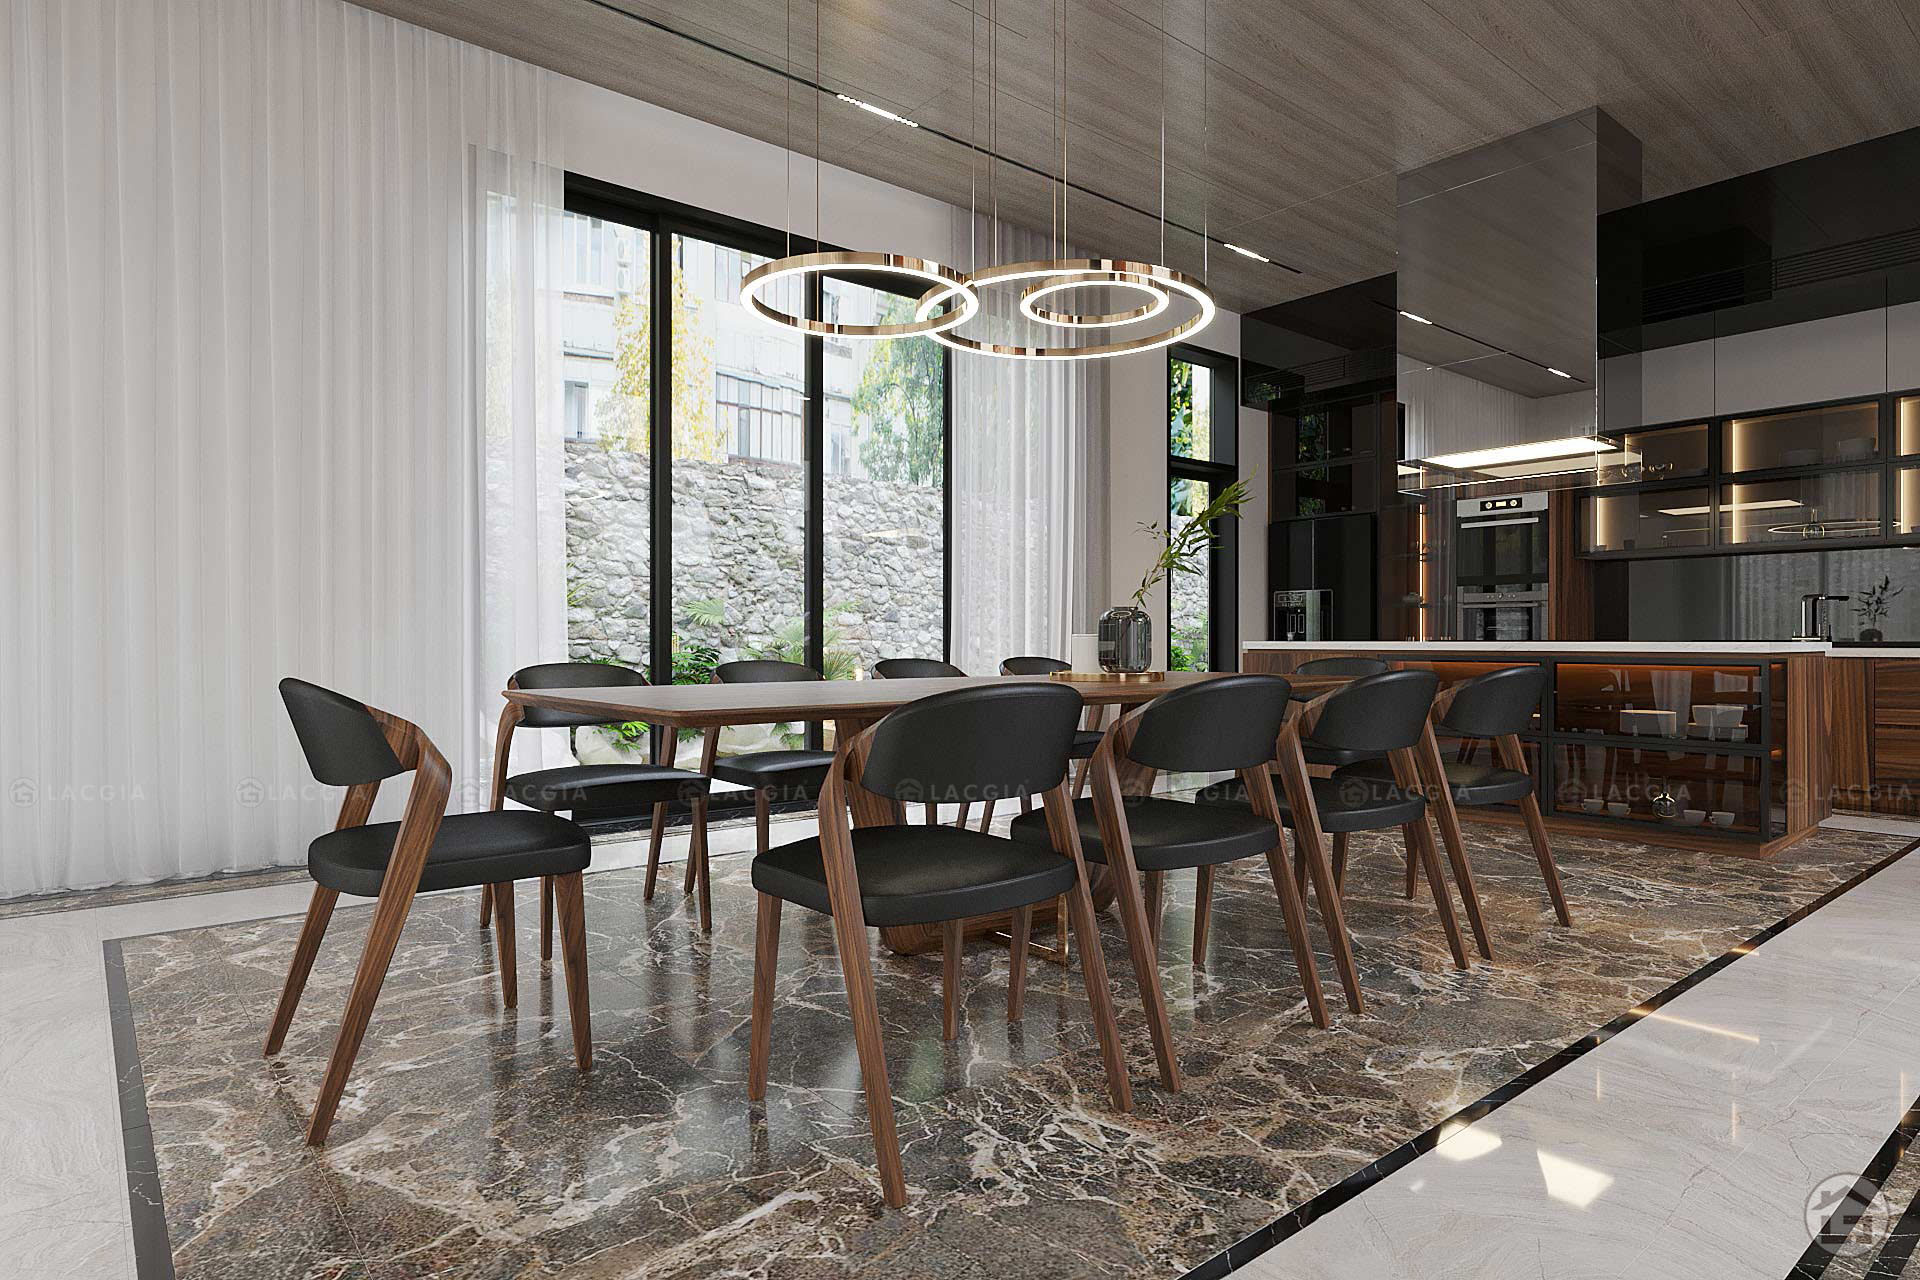 Các món đồ nội thất gỗ được kết hợp hài hòa với nhau